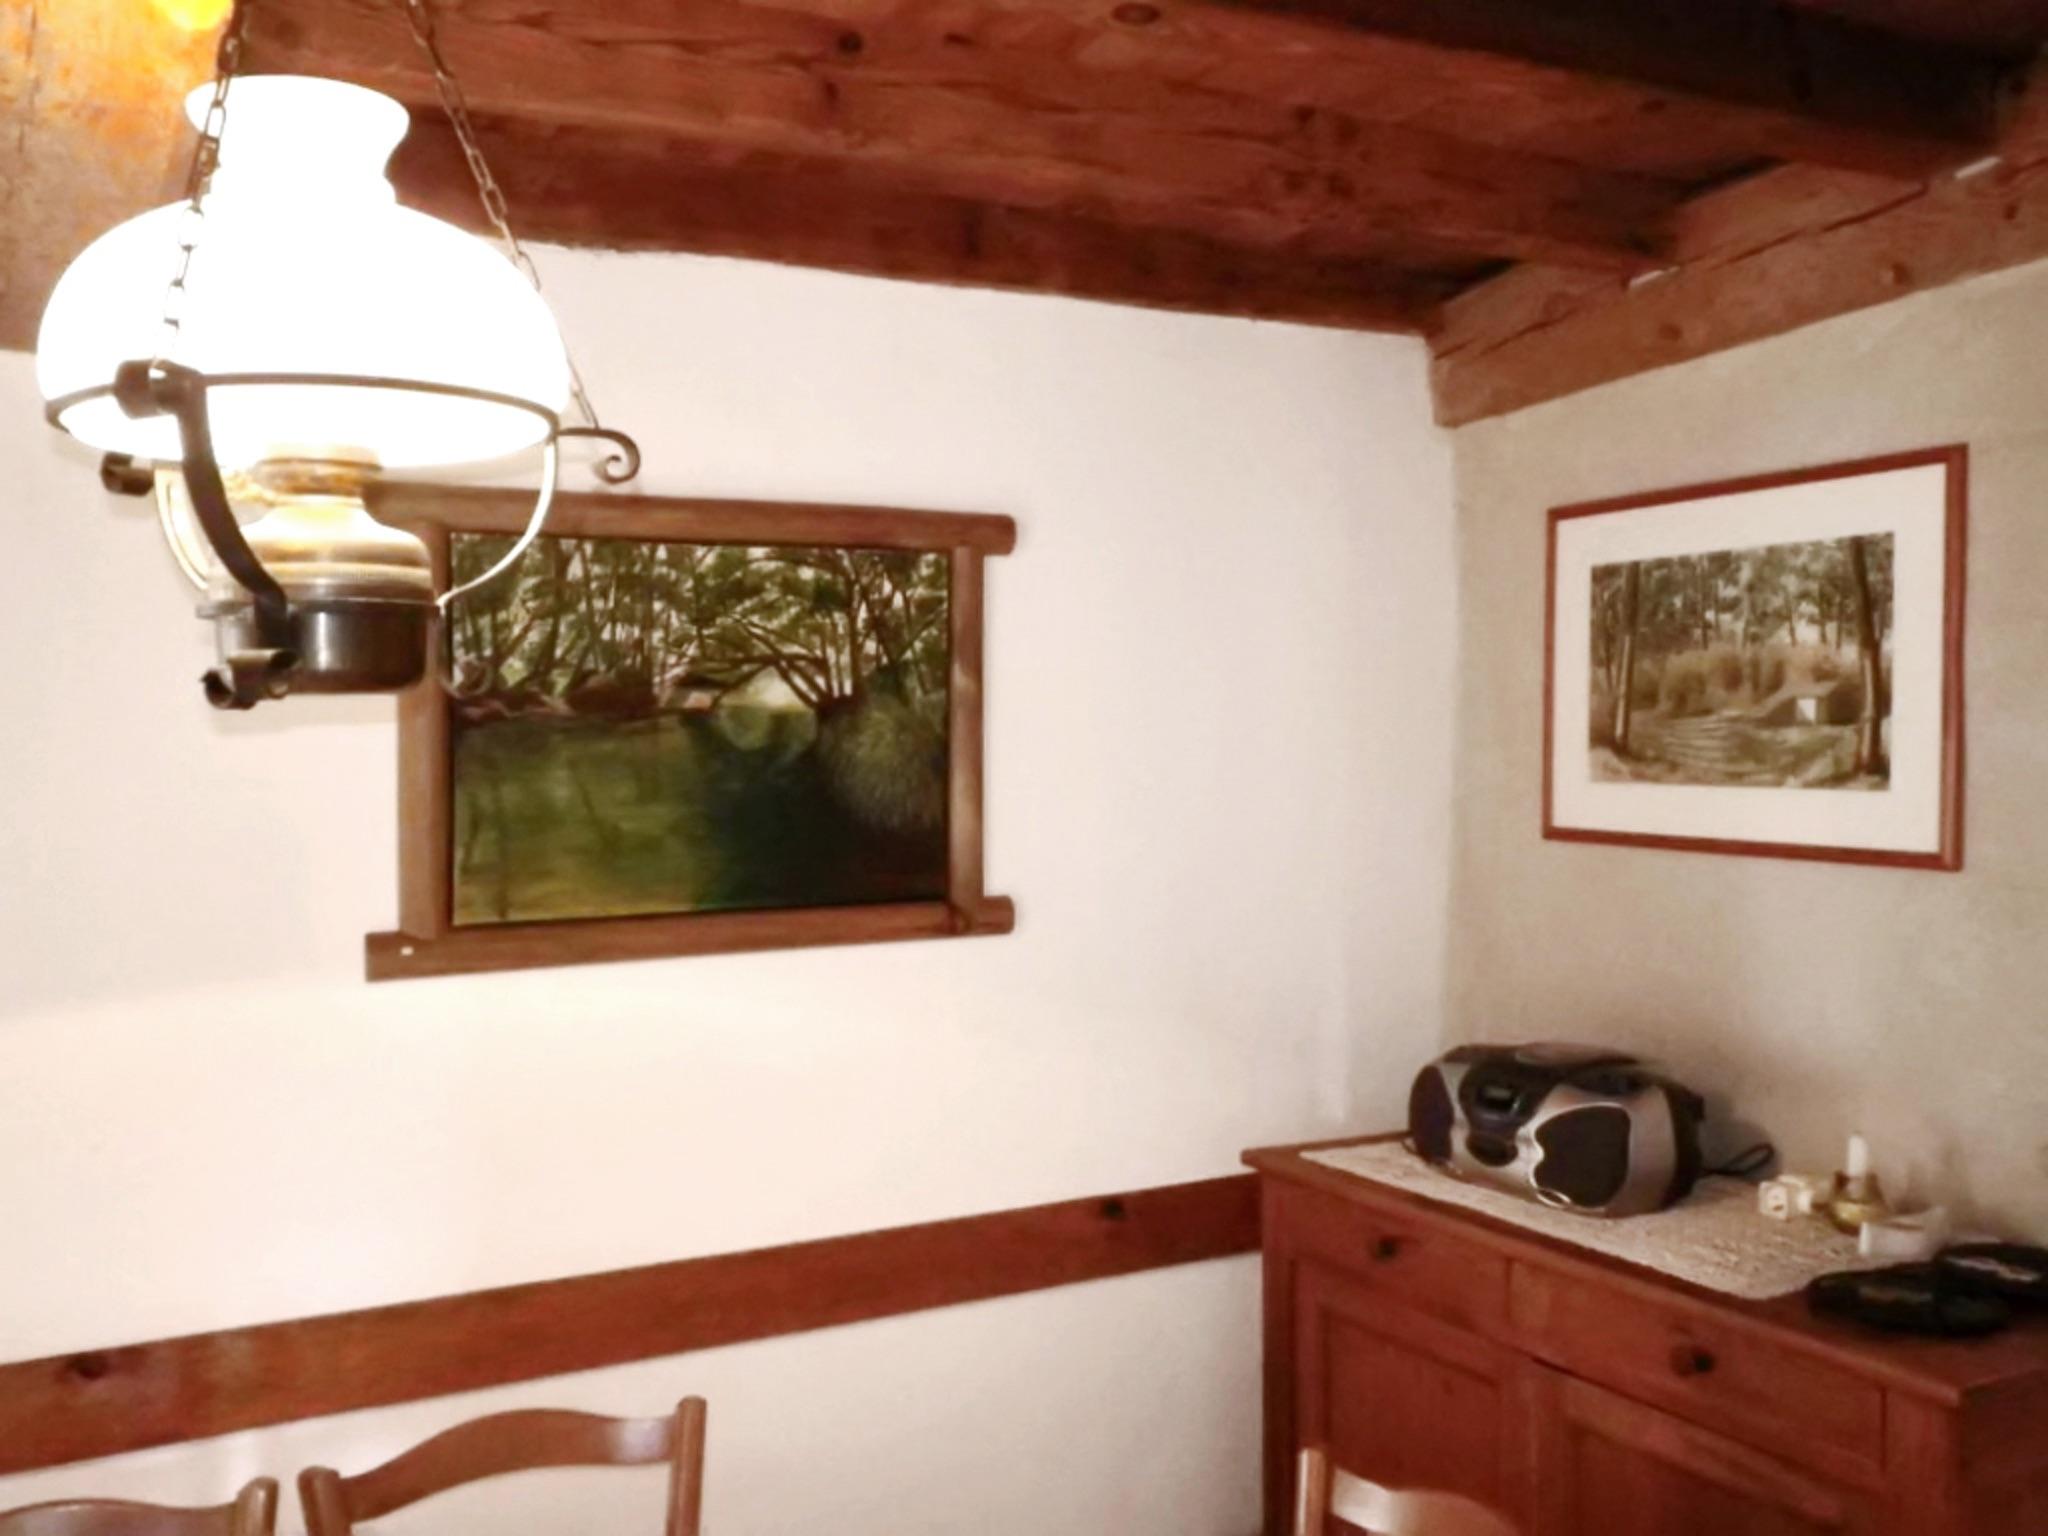 Ferienhaus Villa mit 4 Zimmern in Trensacq mit privatem Pool und möbliertem Garten - 45 km vom Strand (2202366), Trensacq, Landes, Aquitanien, Frankreich, Bild 15